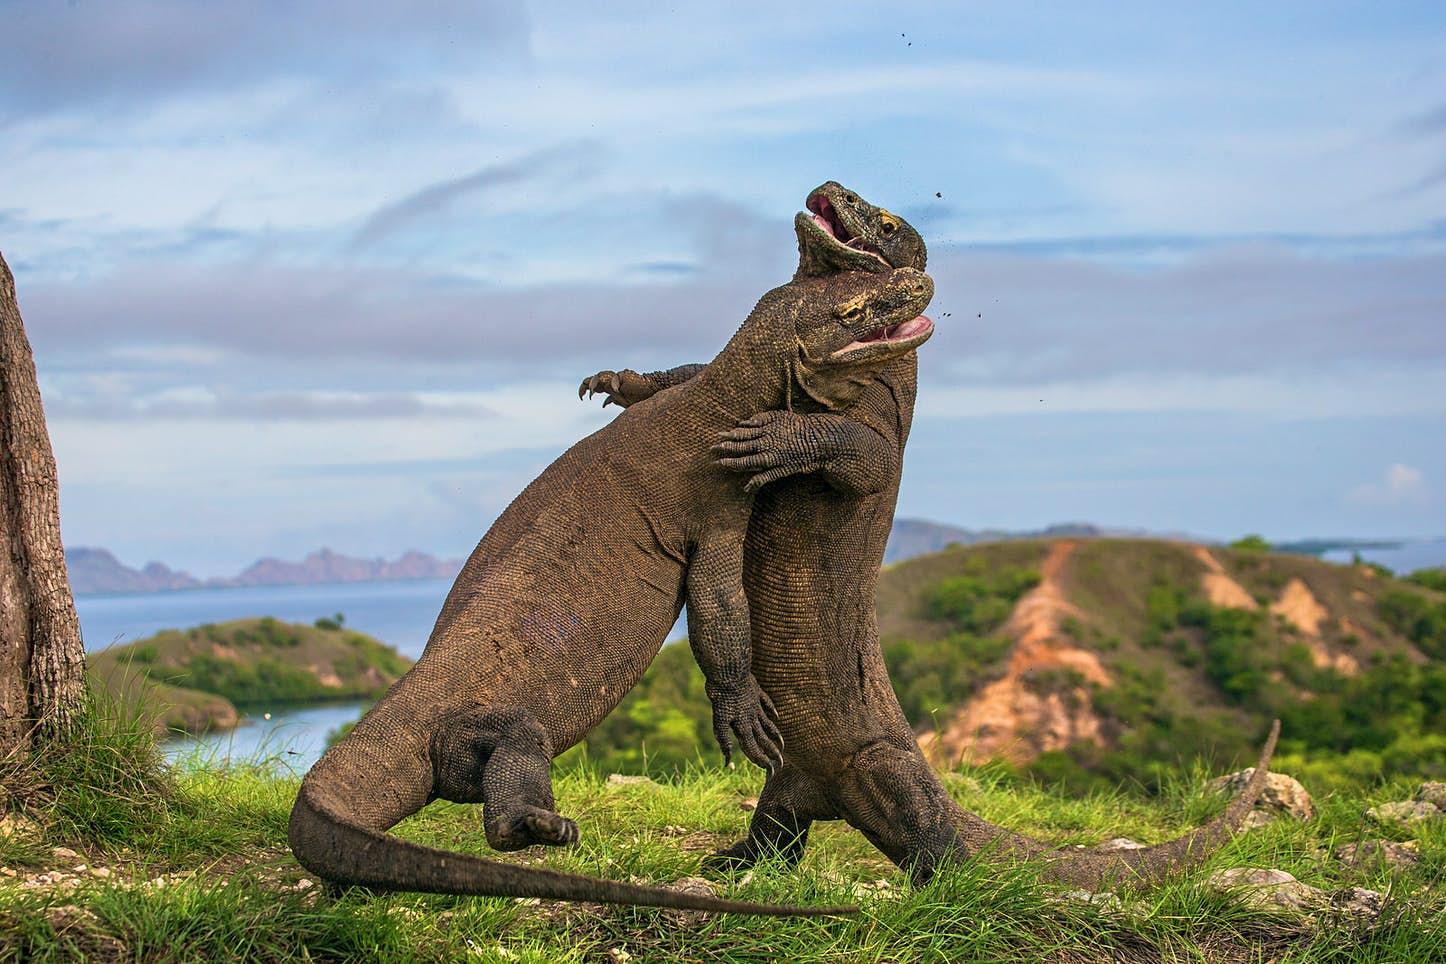 اژدهای کومودو خزنده ای گوشتخوار است که با طول 10 فوت (حدود سه متر) و وزن 330 پوند (حدود 150 کیلوگرم) یکی از بزرگ ترین خزندگان به شمار می آید.